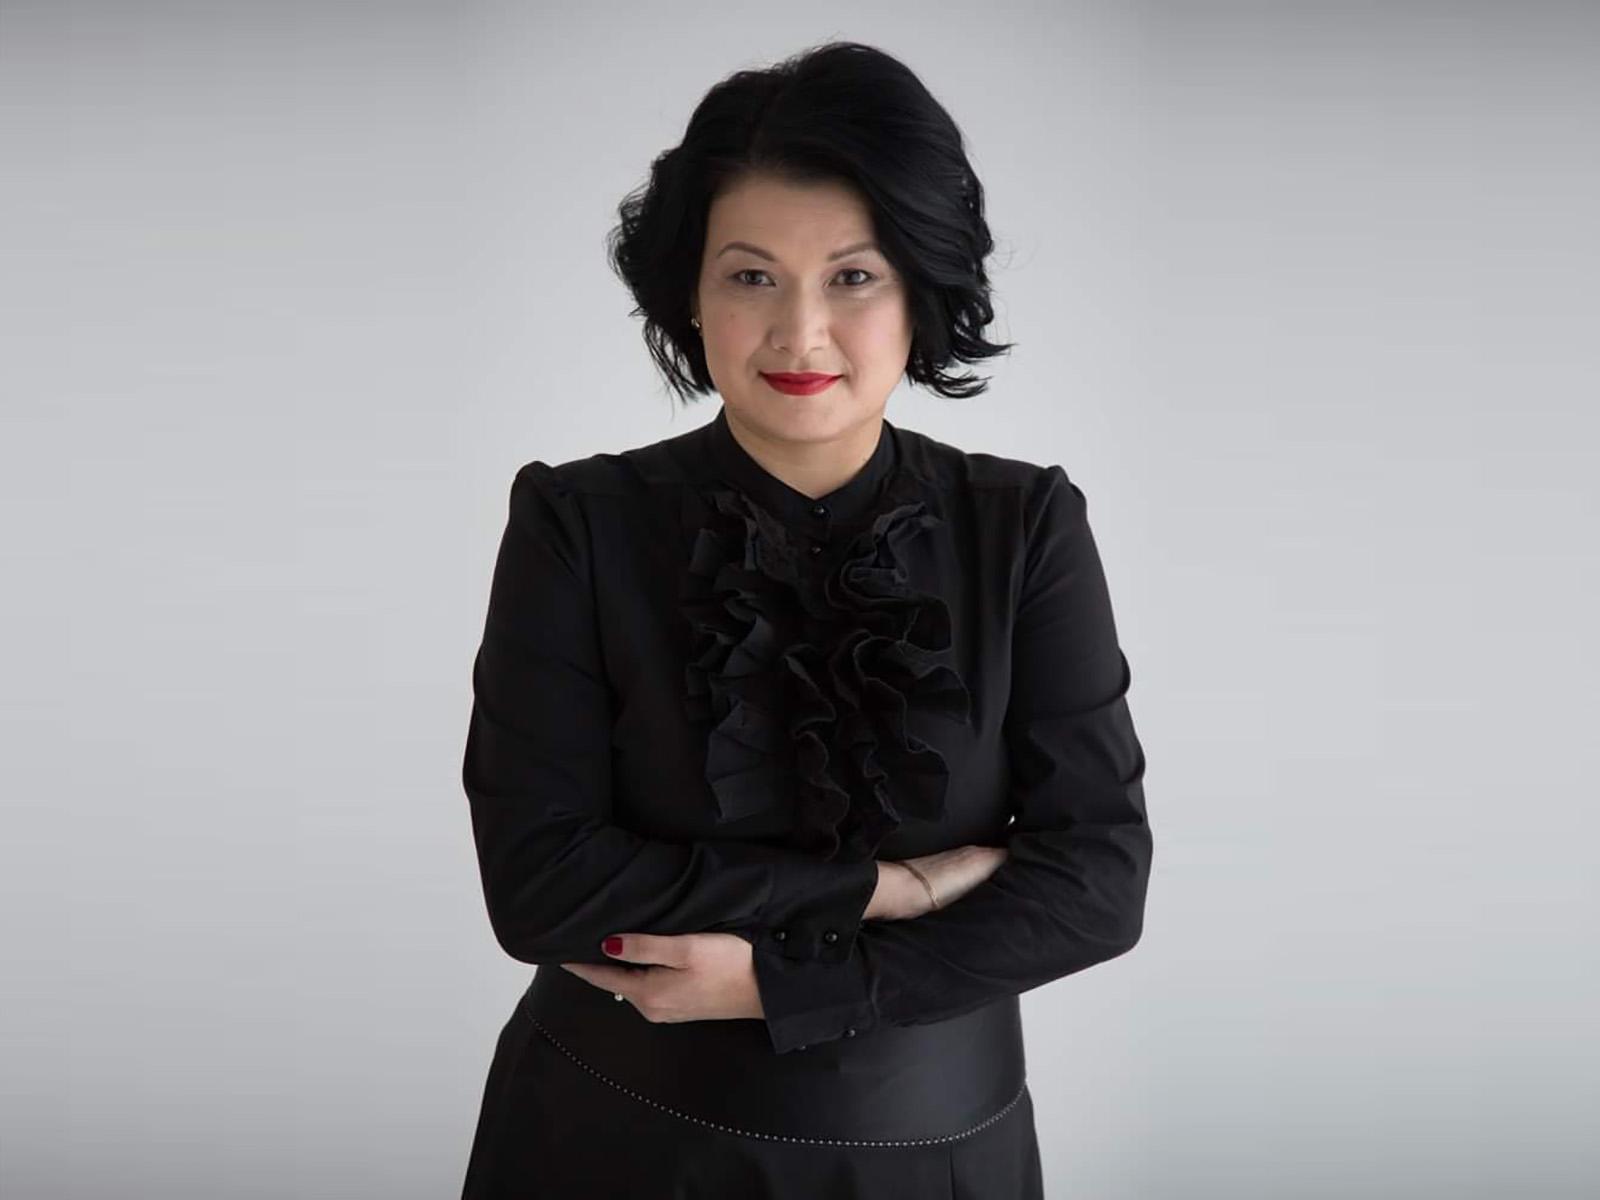 Ирина Трофимова, директор Центра бизнес решений «Диалог», бизнес-консультант по развитию людей и организаций